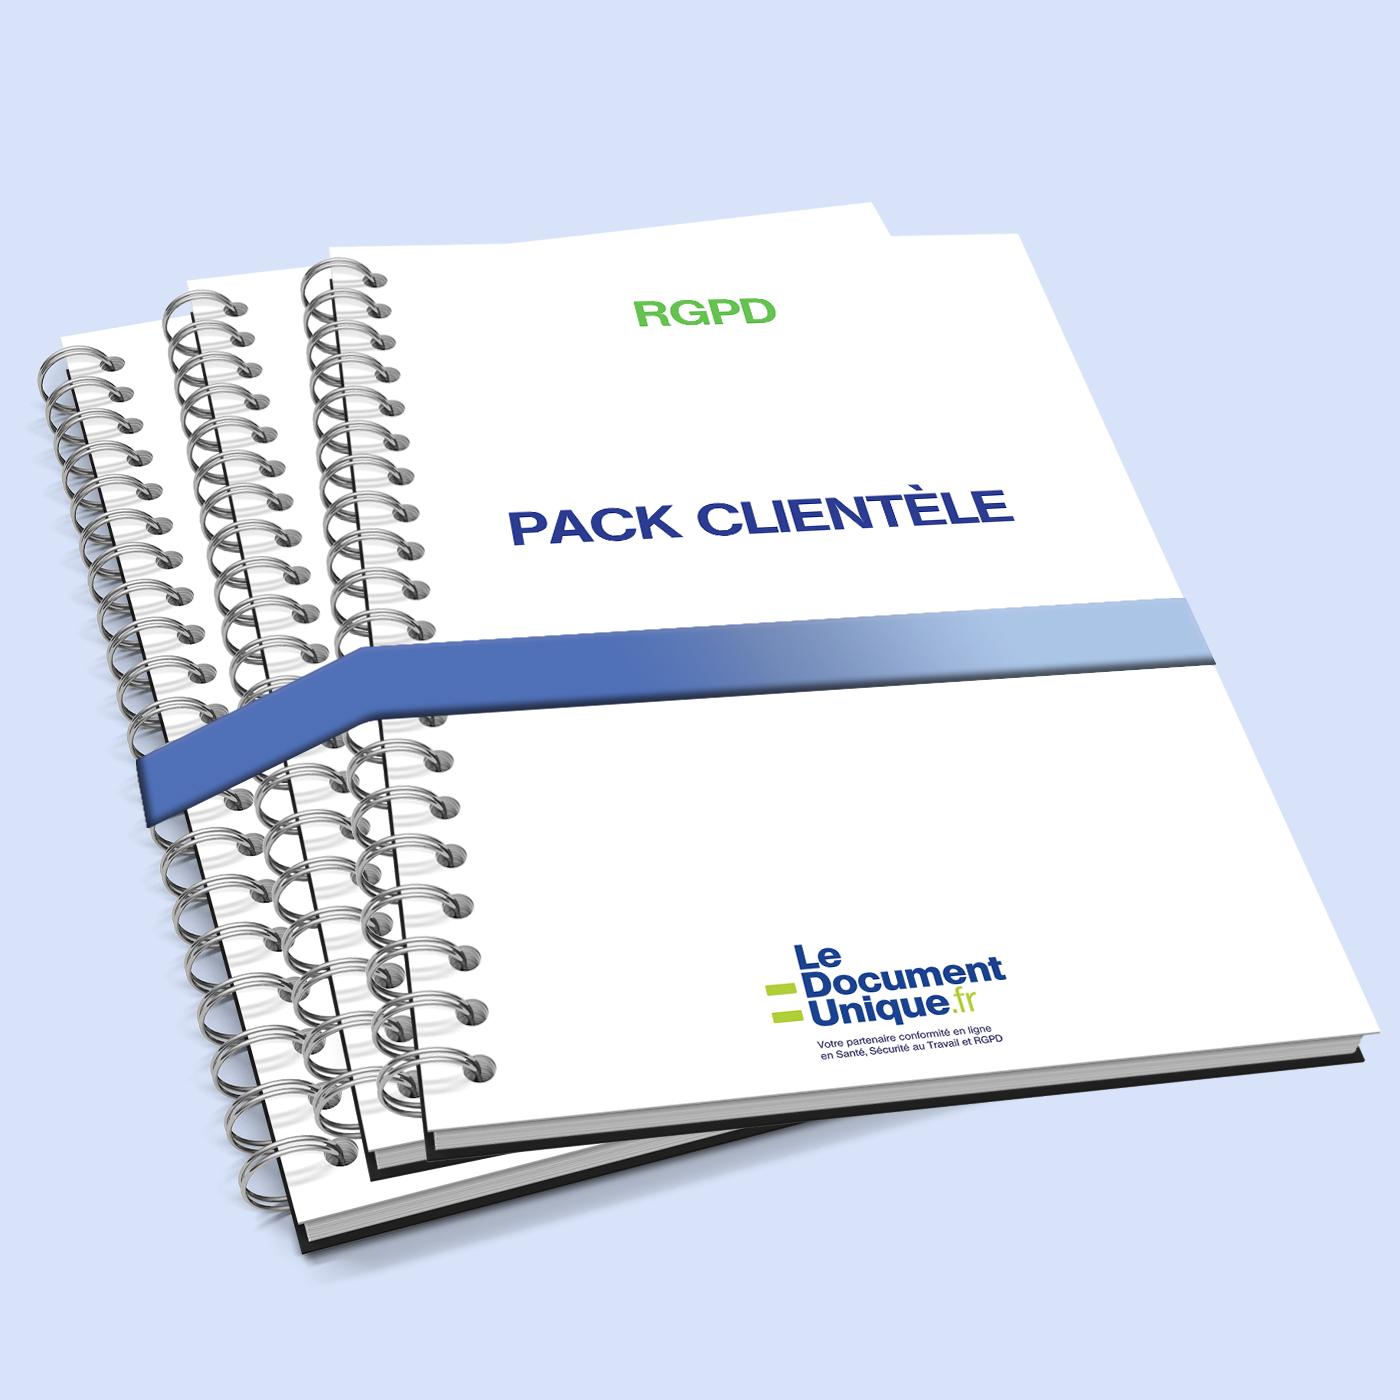 Pack clientèle pour les entreprises